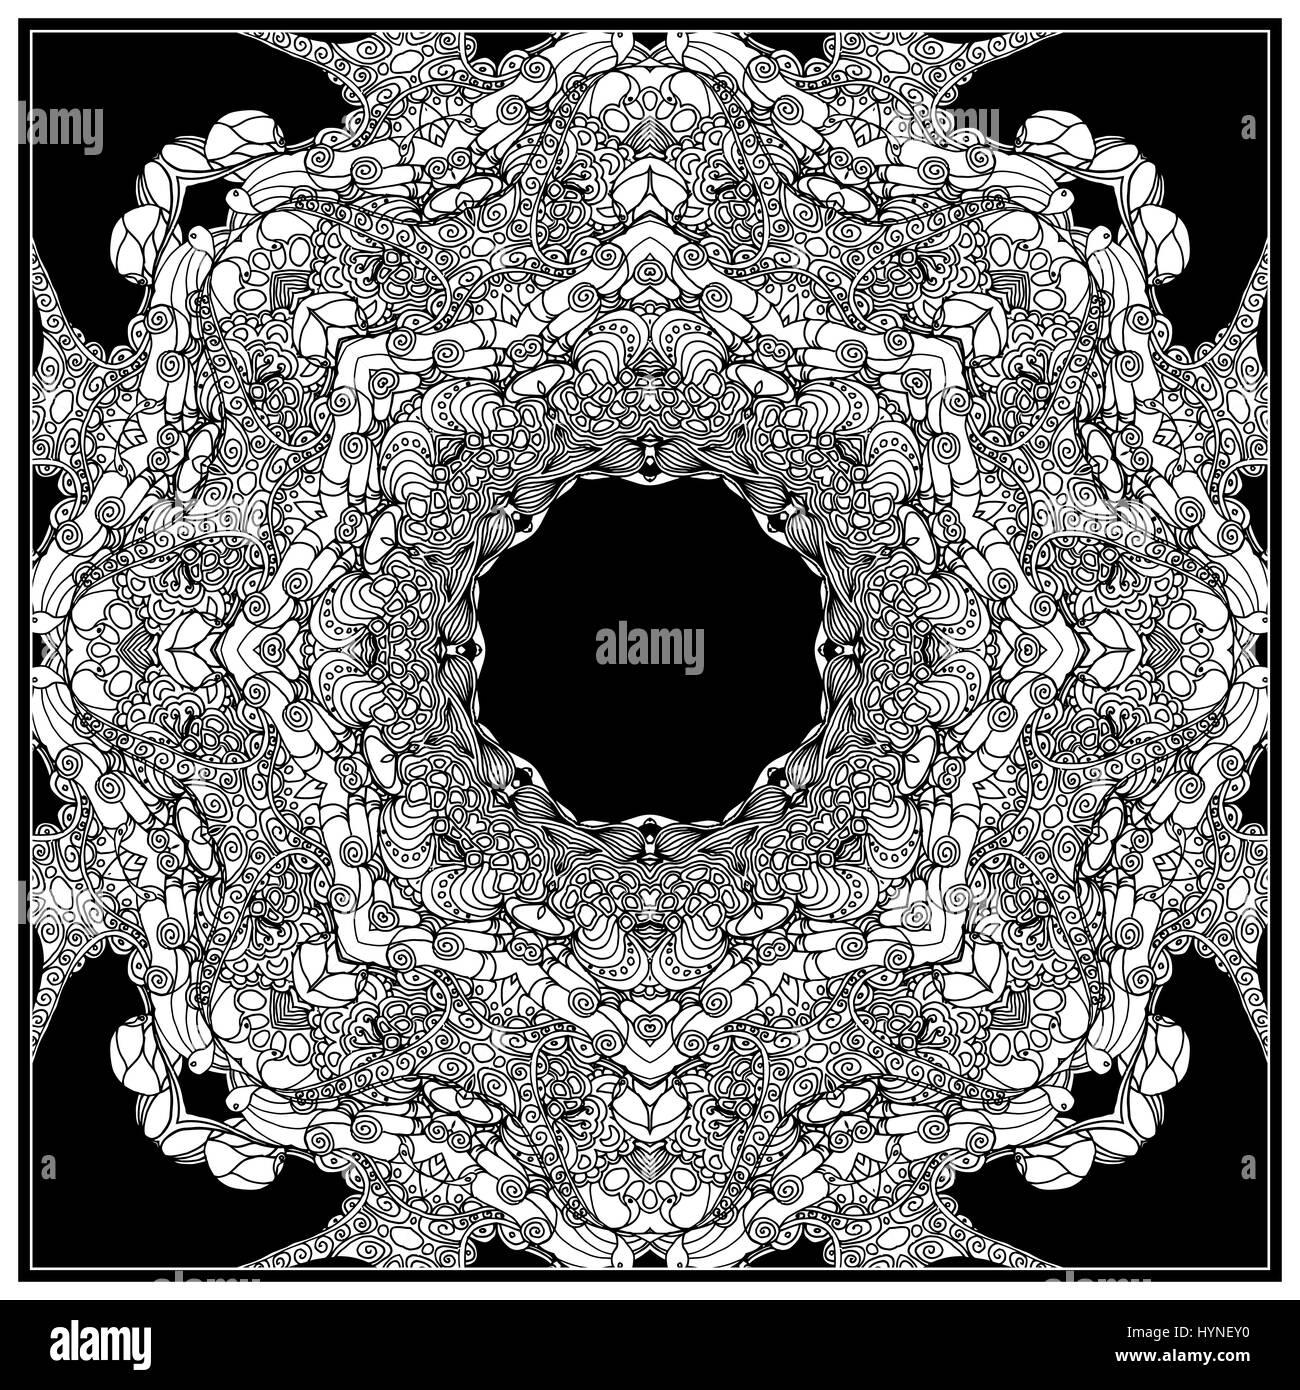 Vektorgrafik mono Farbe schwarz. Erwachsenen Coloring Seite Buchgestaltung, für Erwachsene. Stockbild